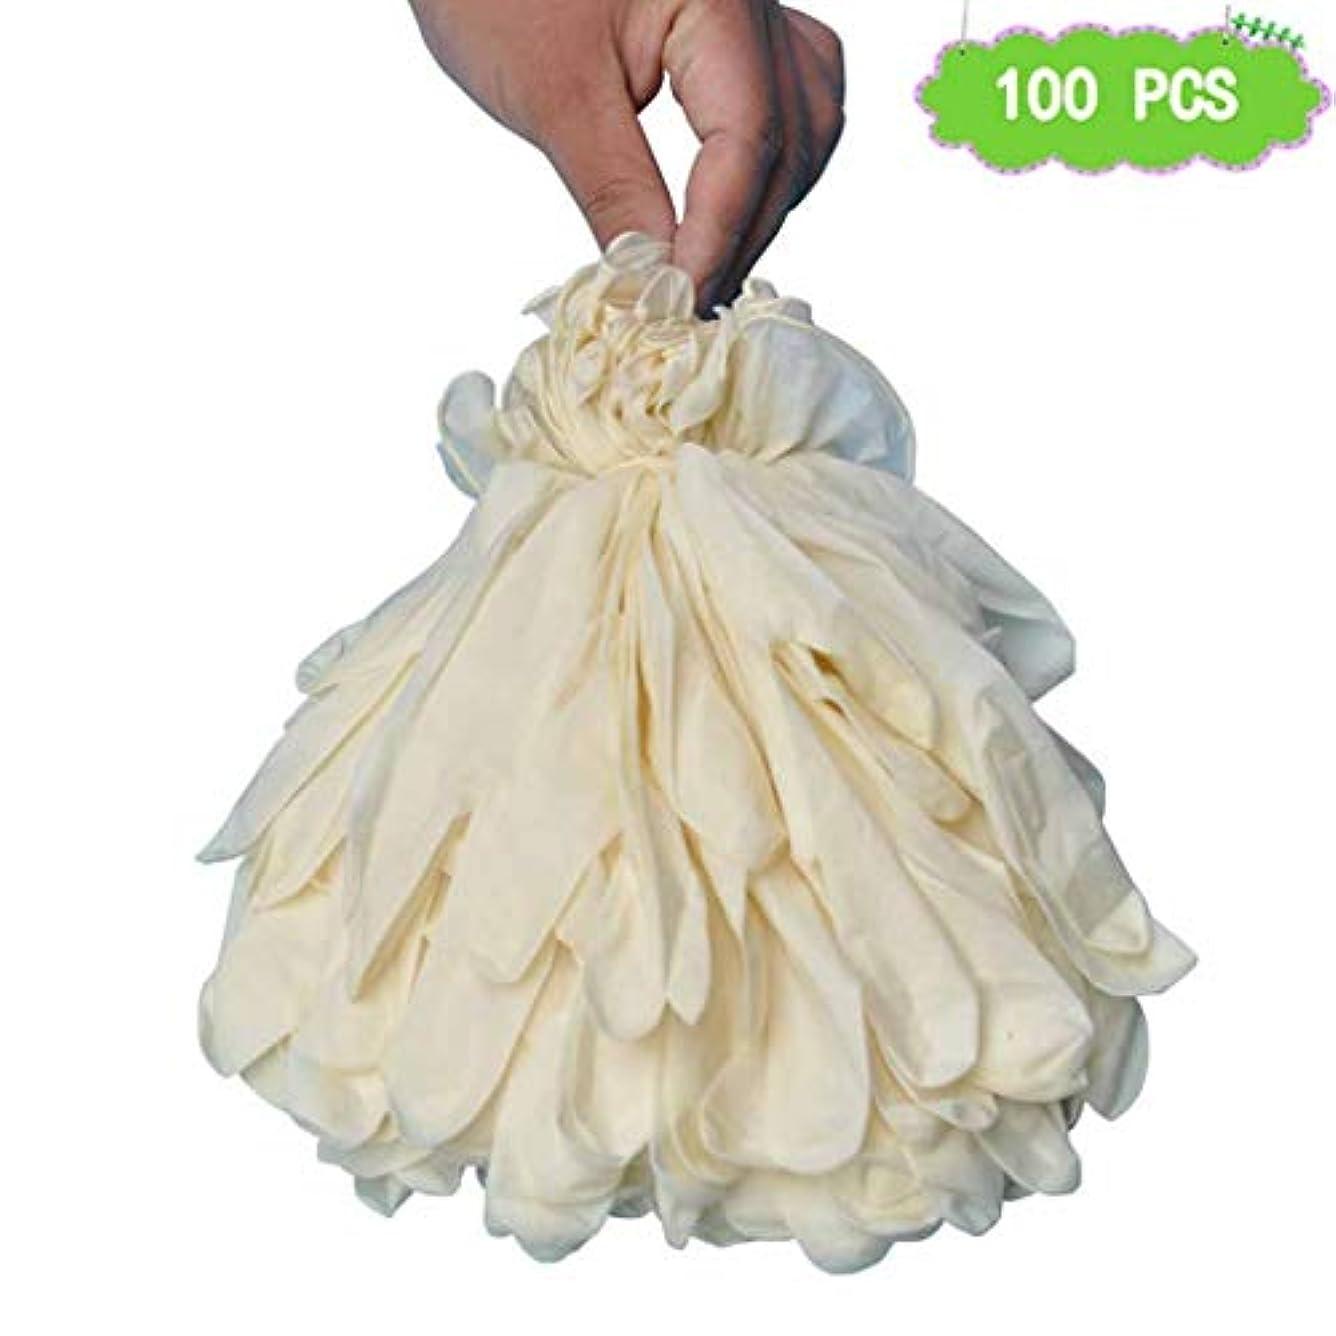 信号コロニアル使役白いラテックス手袋使い捨てゴム手袋食品使い捨て手袋ペットケアネイルアート検査保護実験、美容院ラテックスフリー、、 100個 (Size : M)